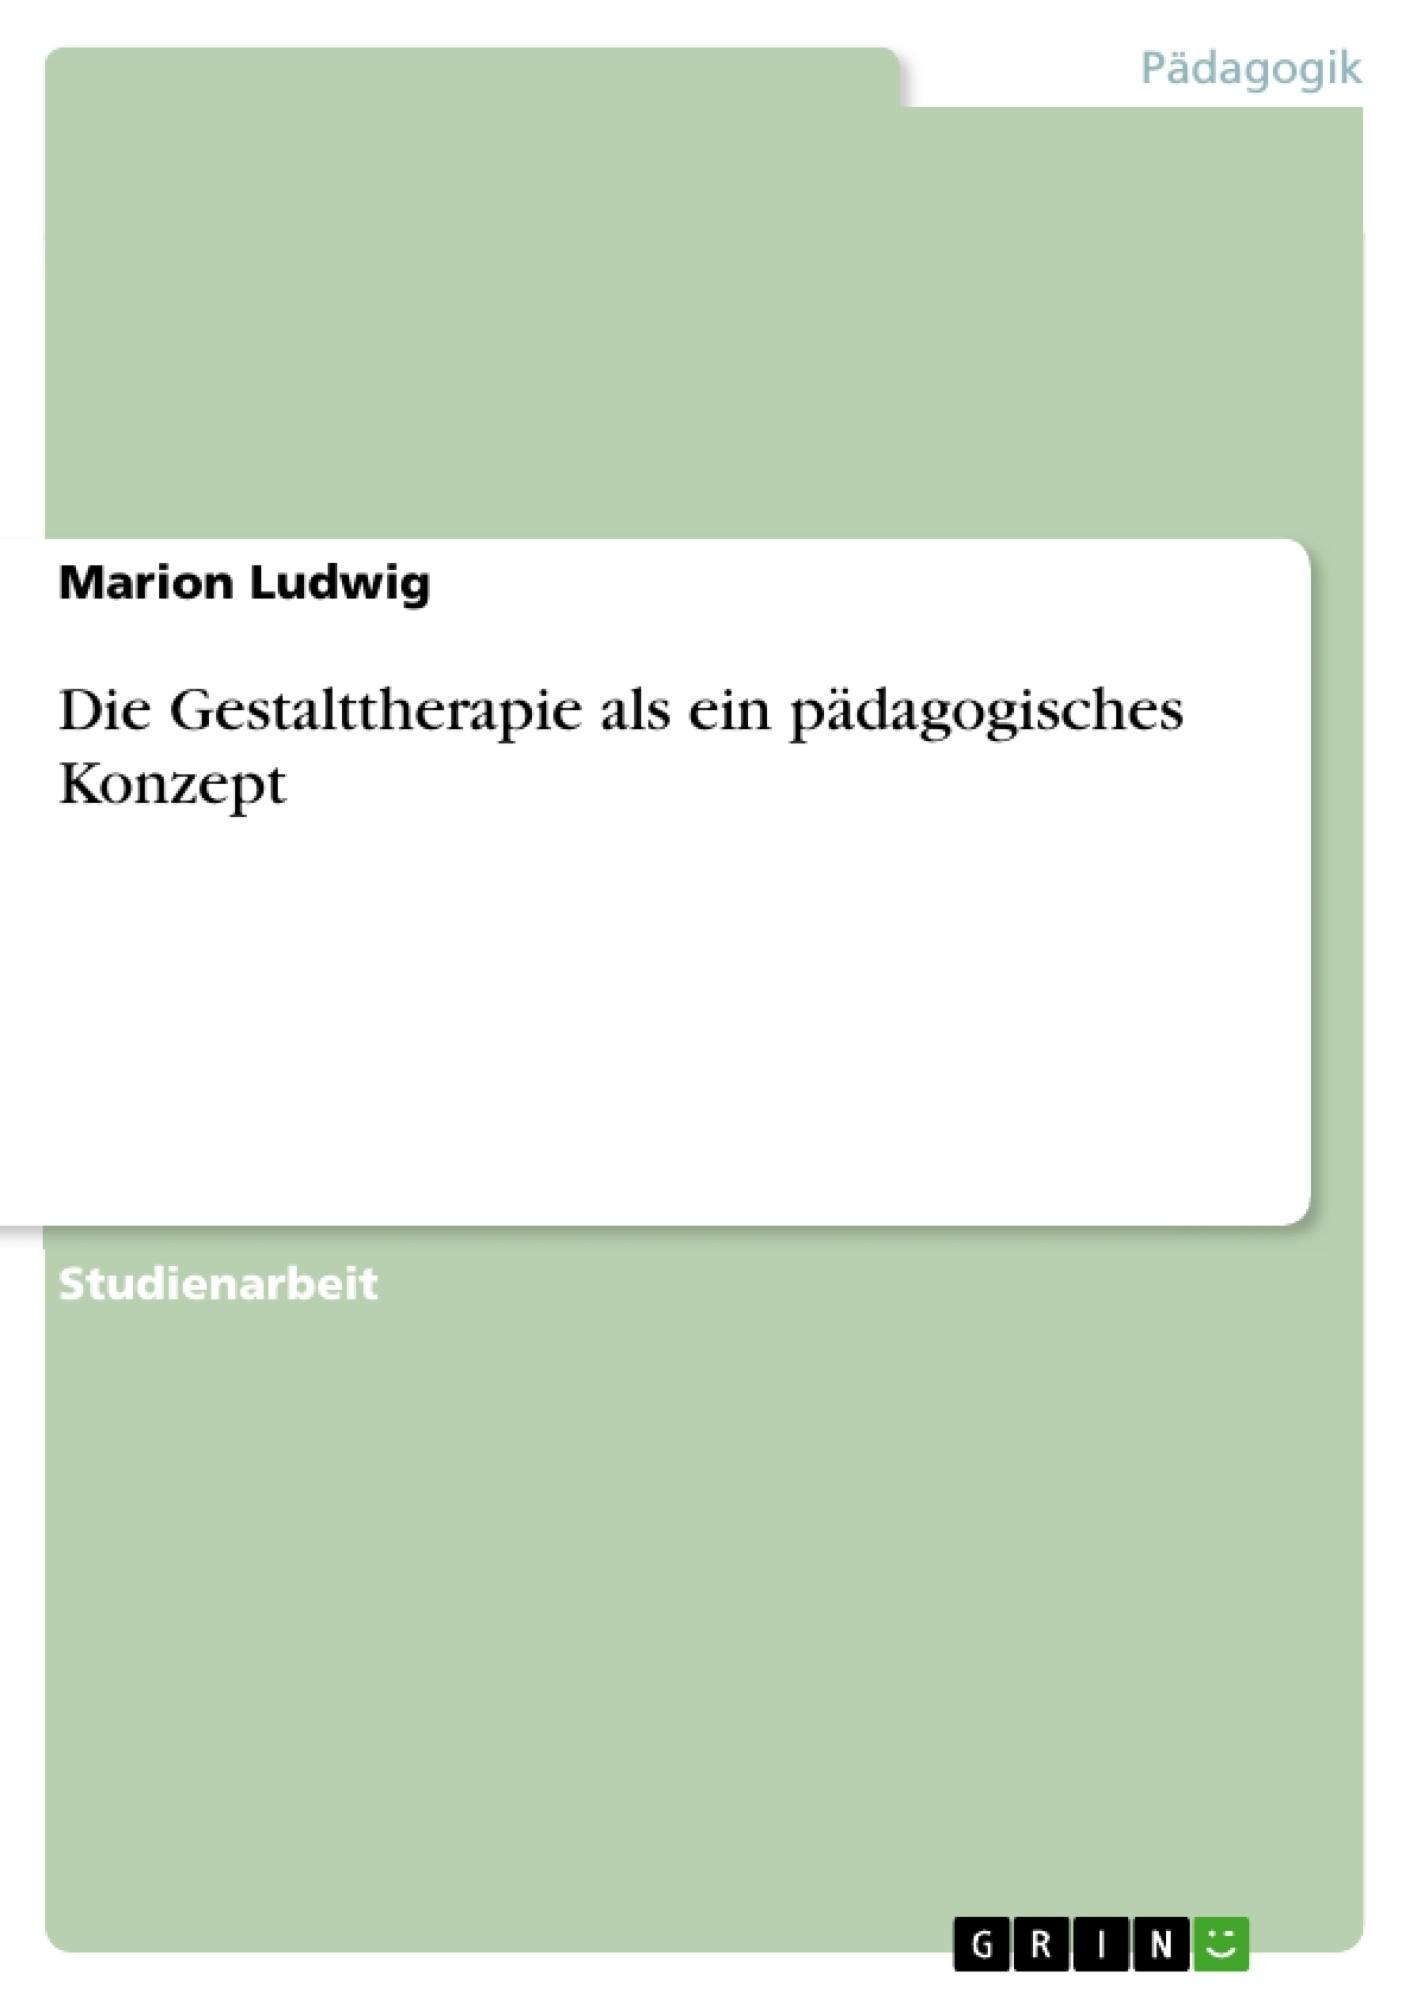 Titel: Die Gestalttherapie als ein pädagogisches Konzept